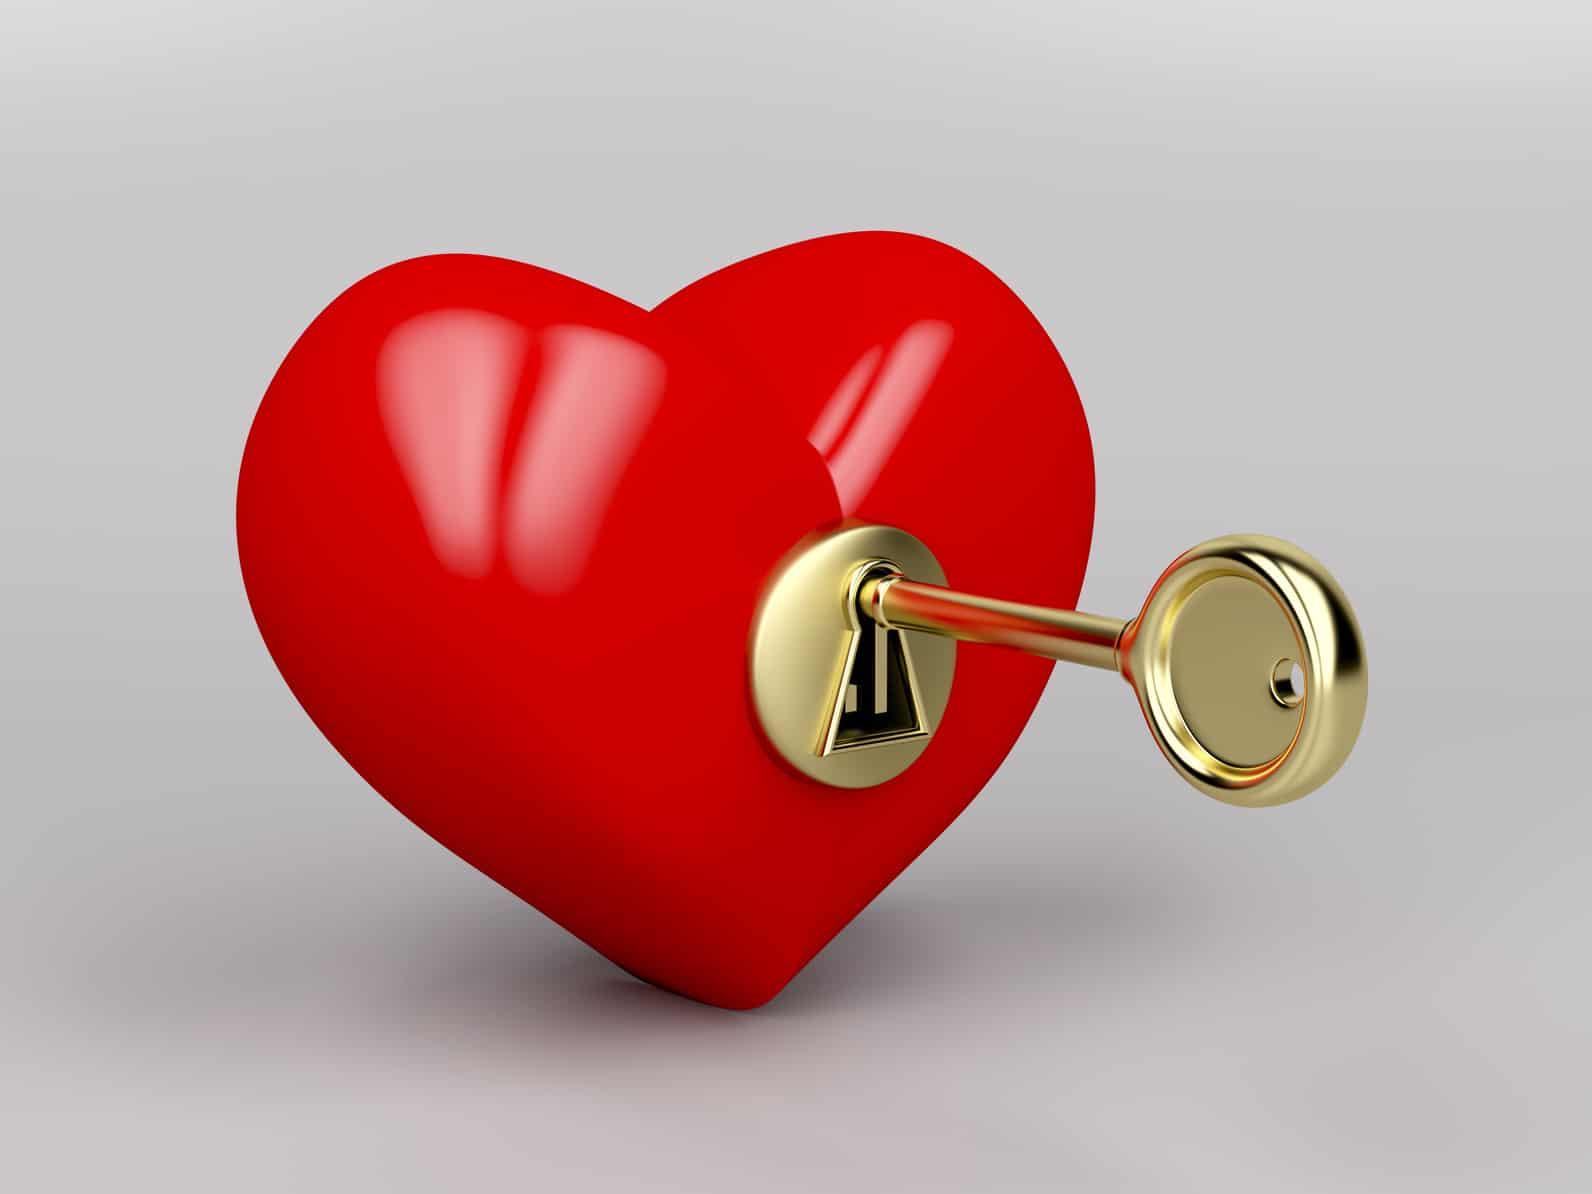 המתכון המפתיע להשגת זוגיות טובה ואושר בחיים